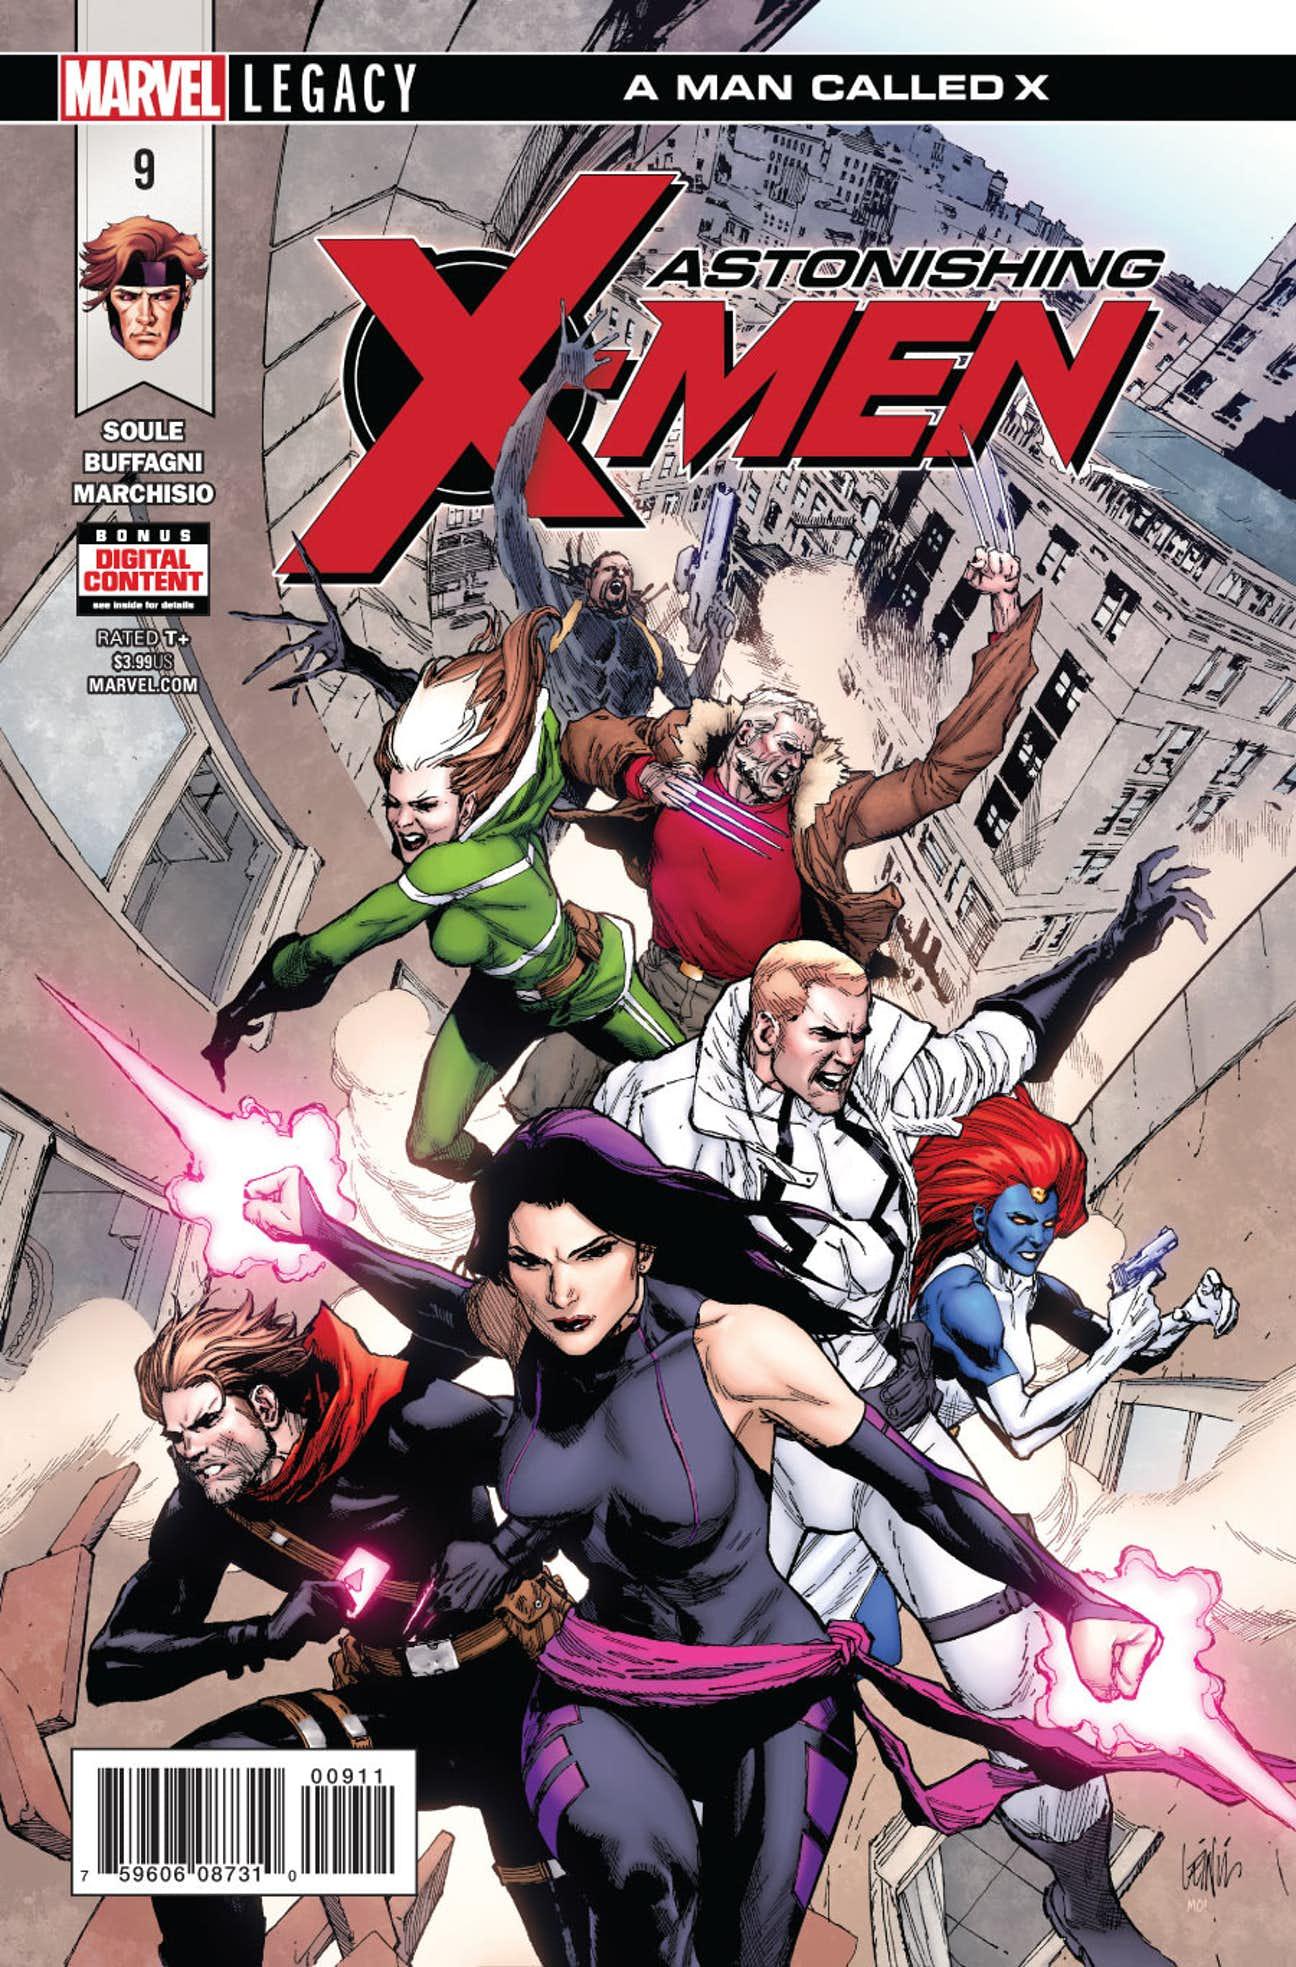 Astonishing X Men Vol 4 9